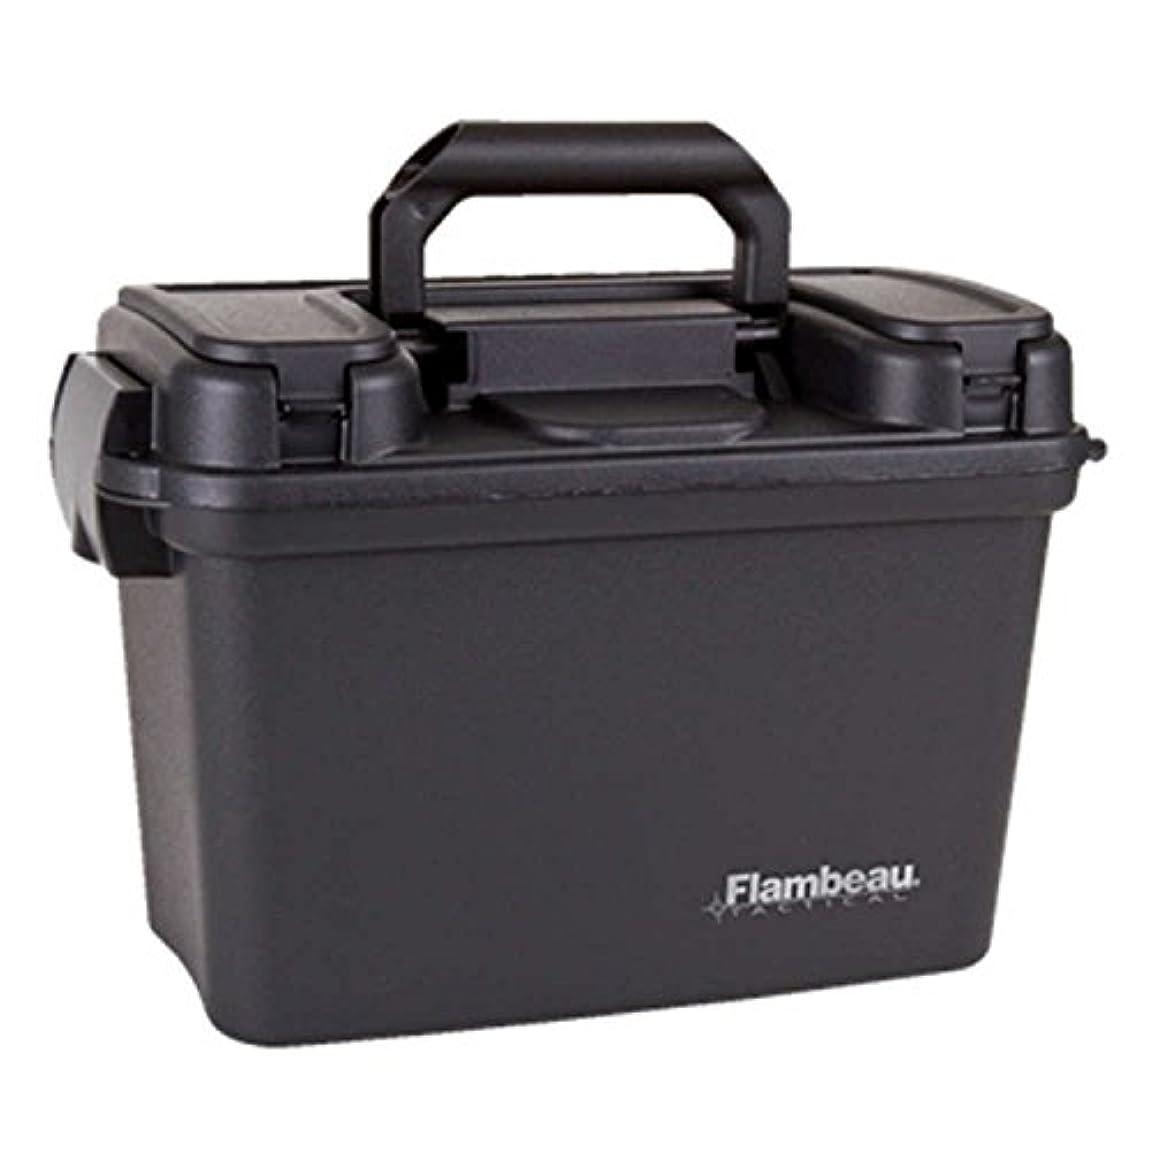 事業貨物ブラシFlambeau 14in Dry Box Black Tactical [並行輸入品]